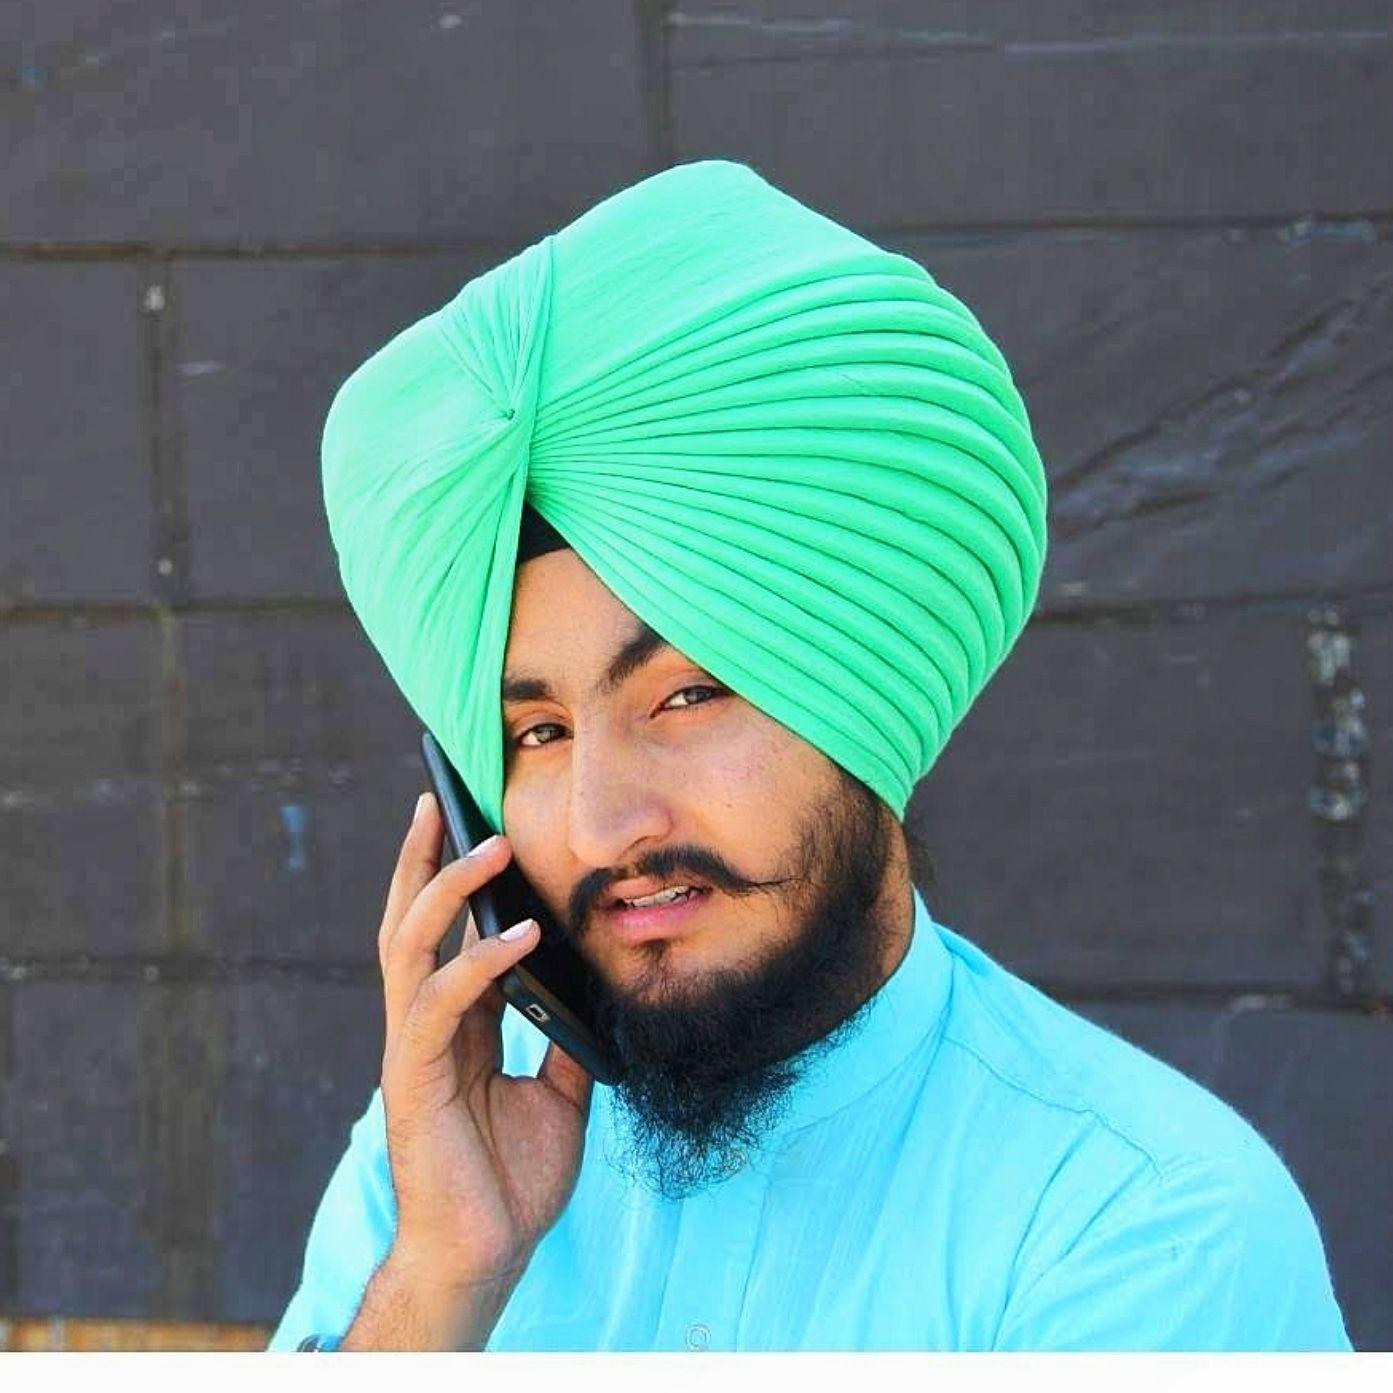 Ajeet Singh khamano